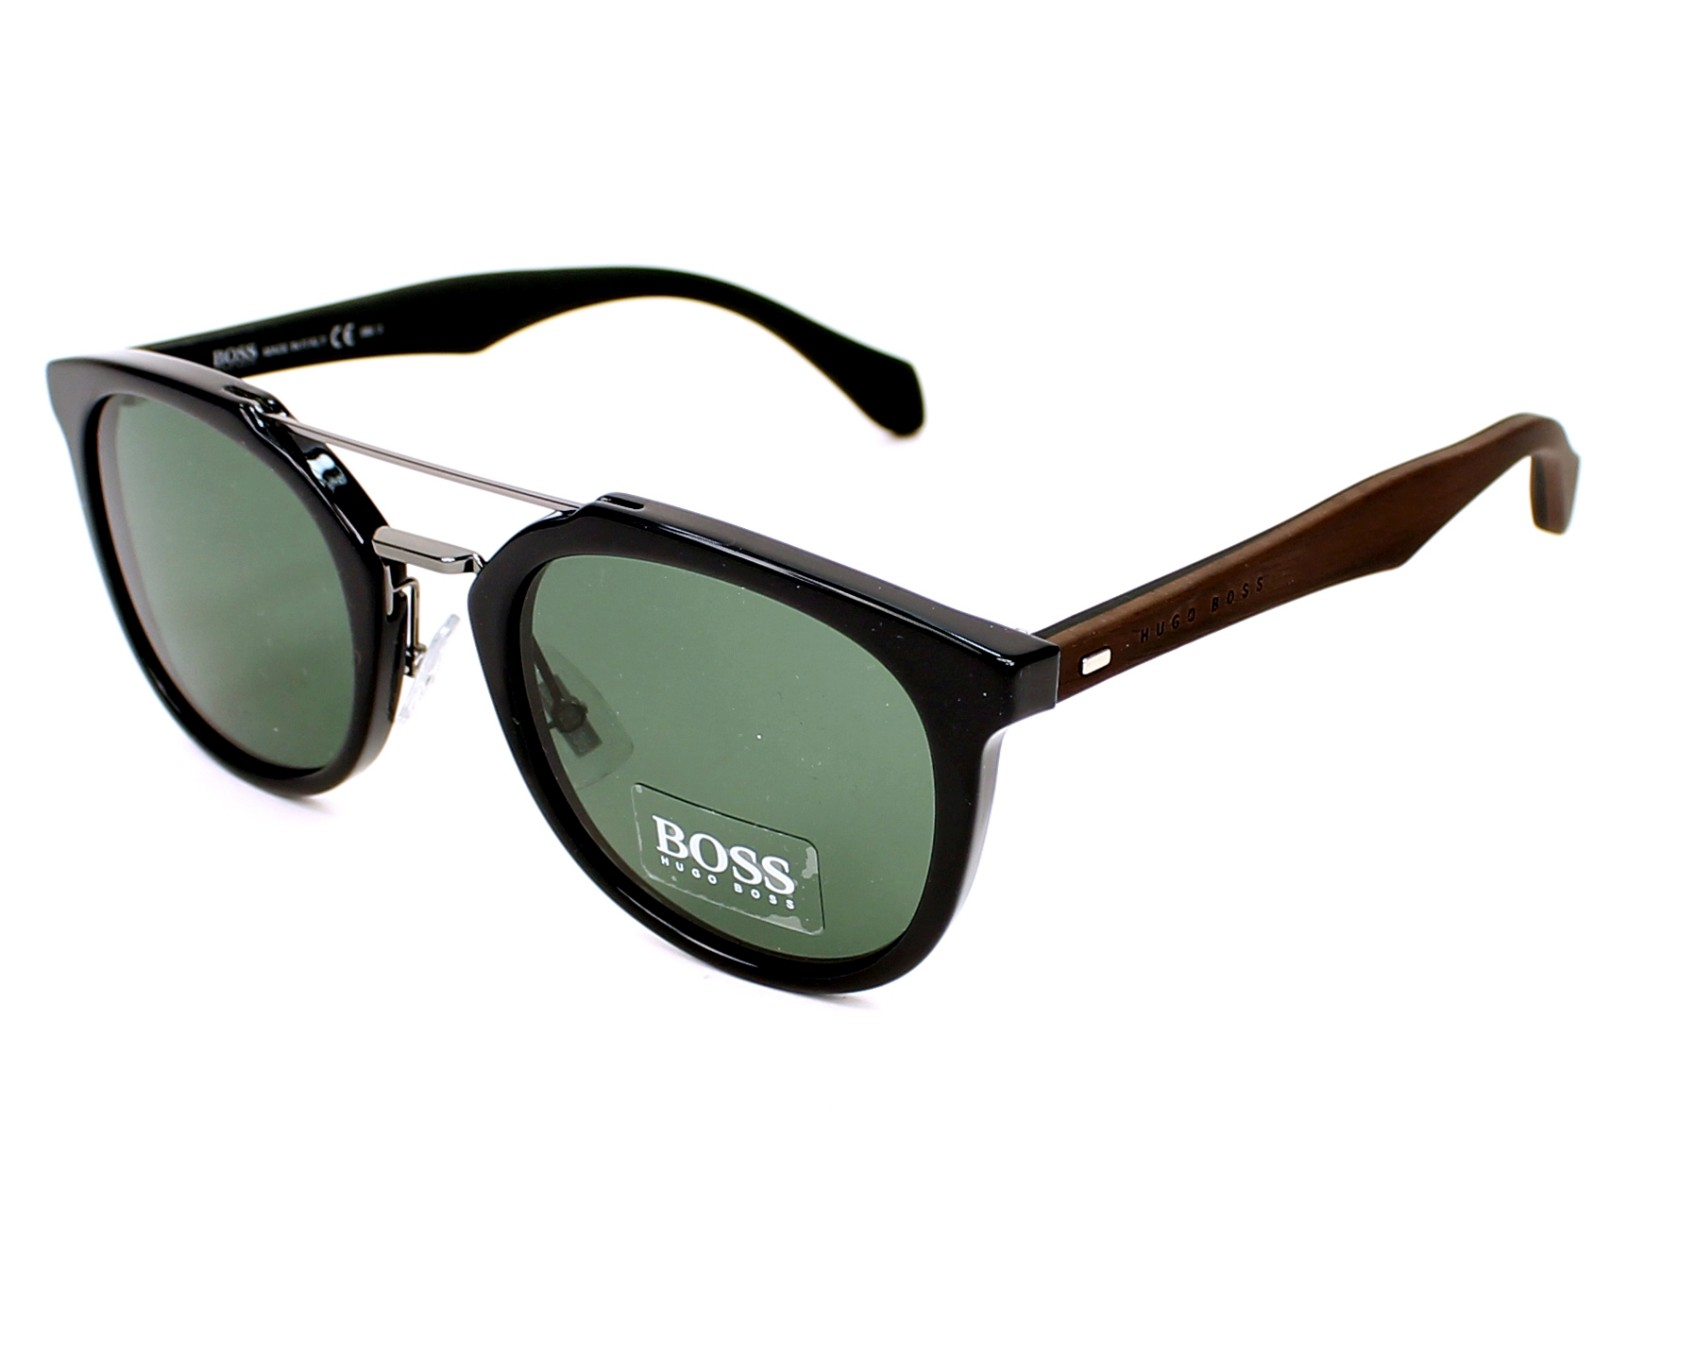 5ff9c7a73f1d0 Trouvez vos lunettes de soleil Hugo Boss en promotion toute l année